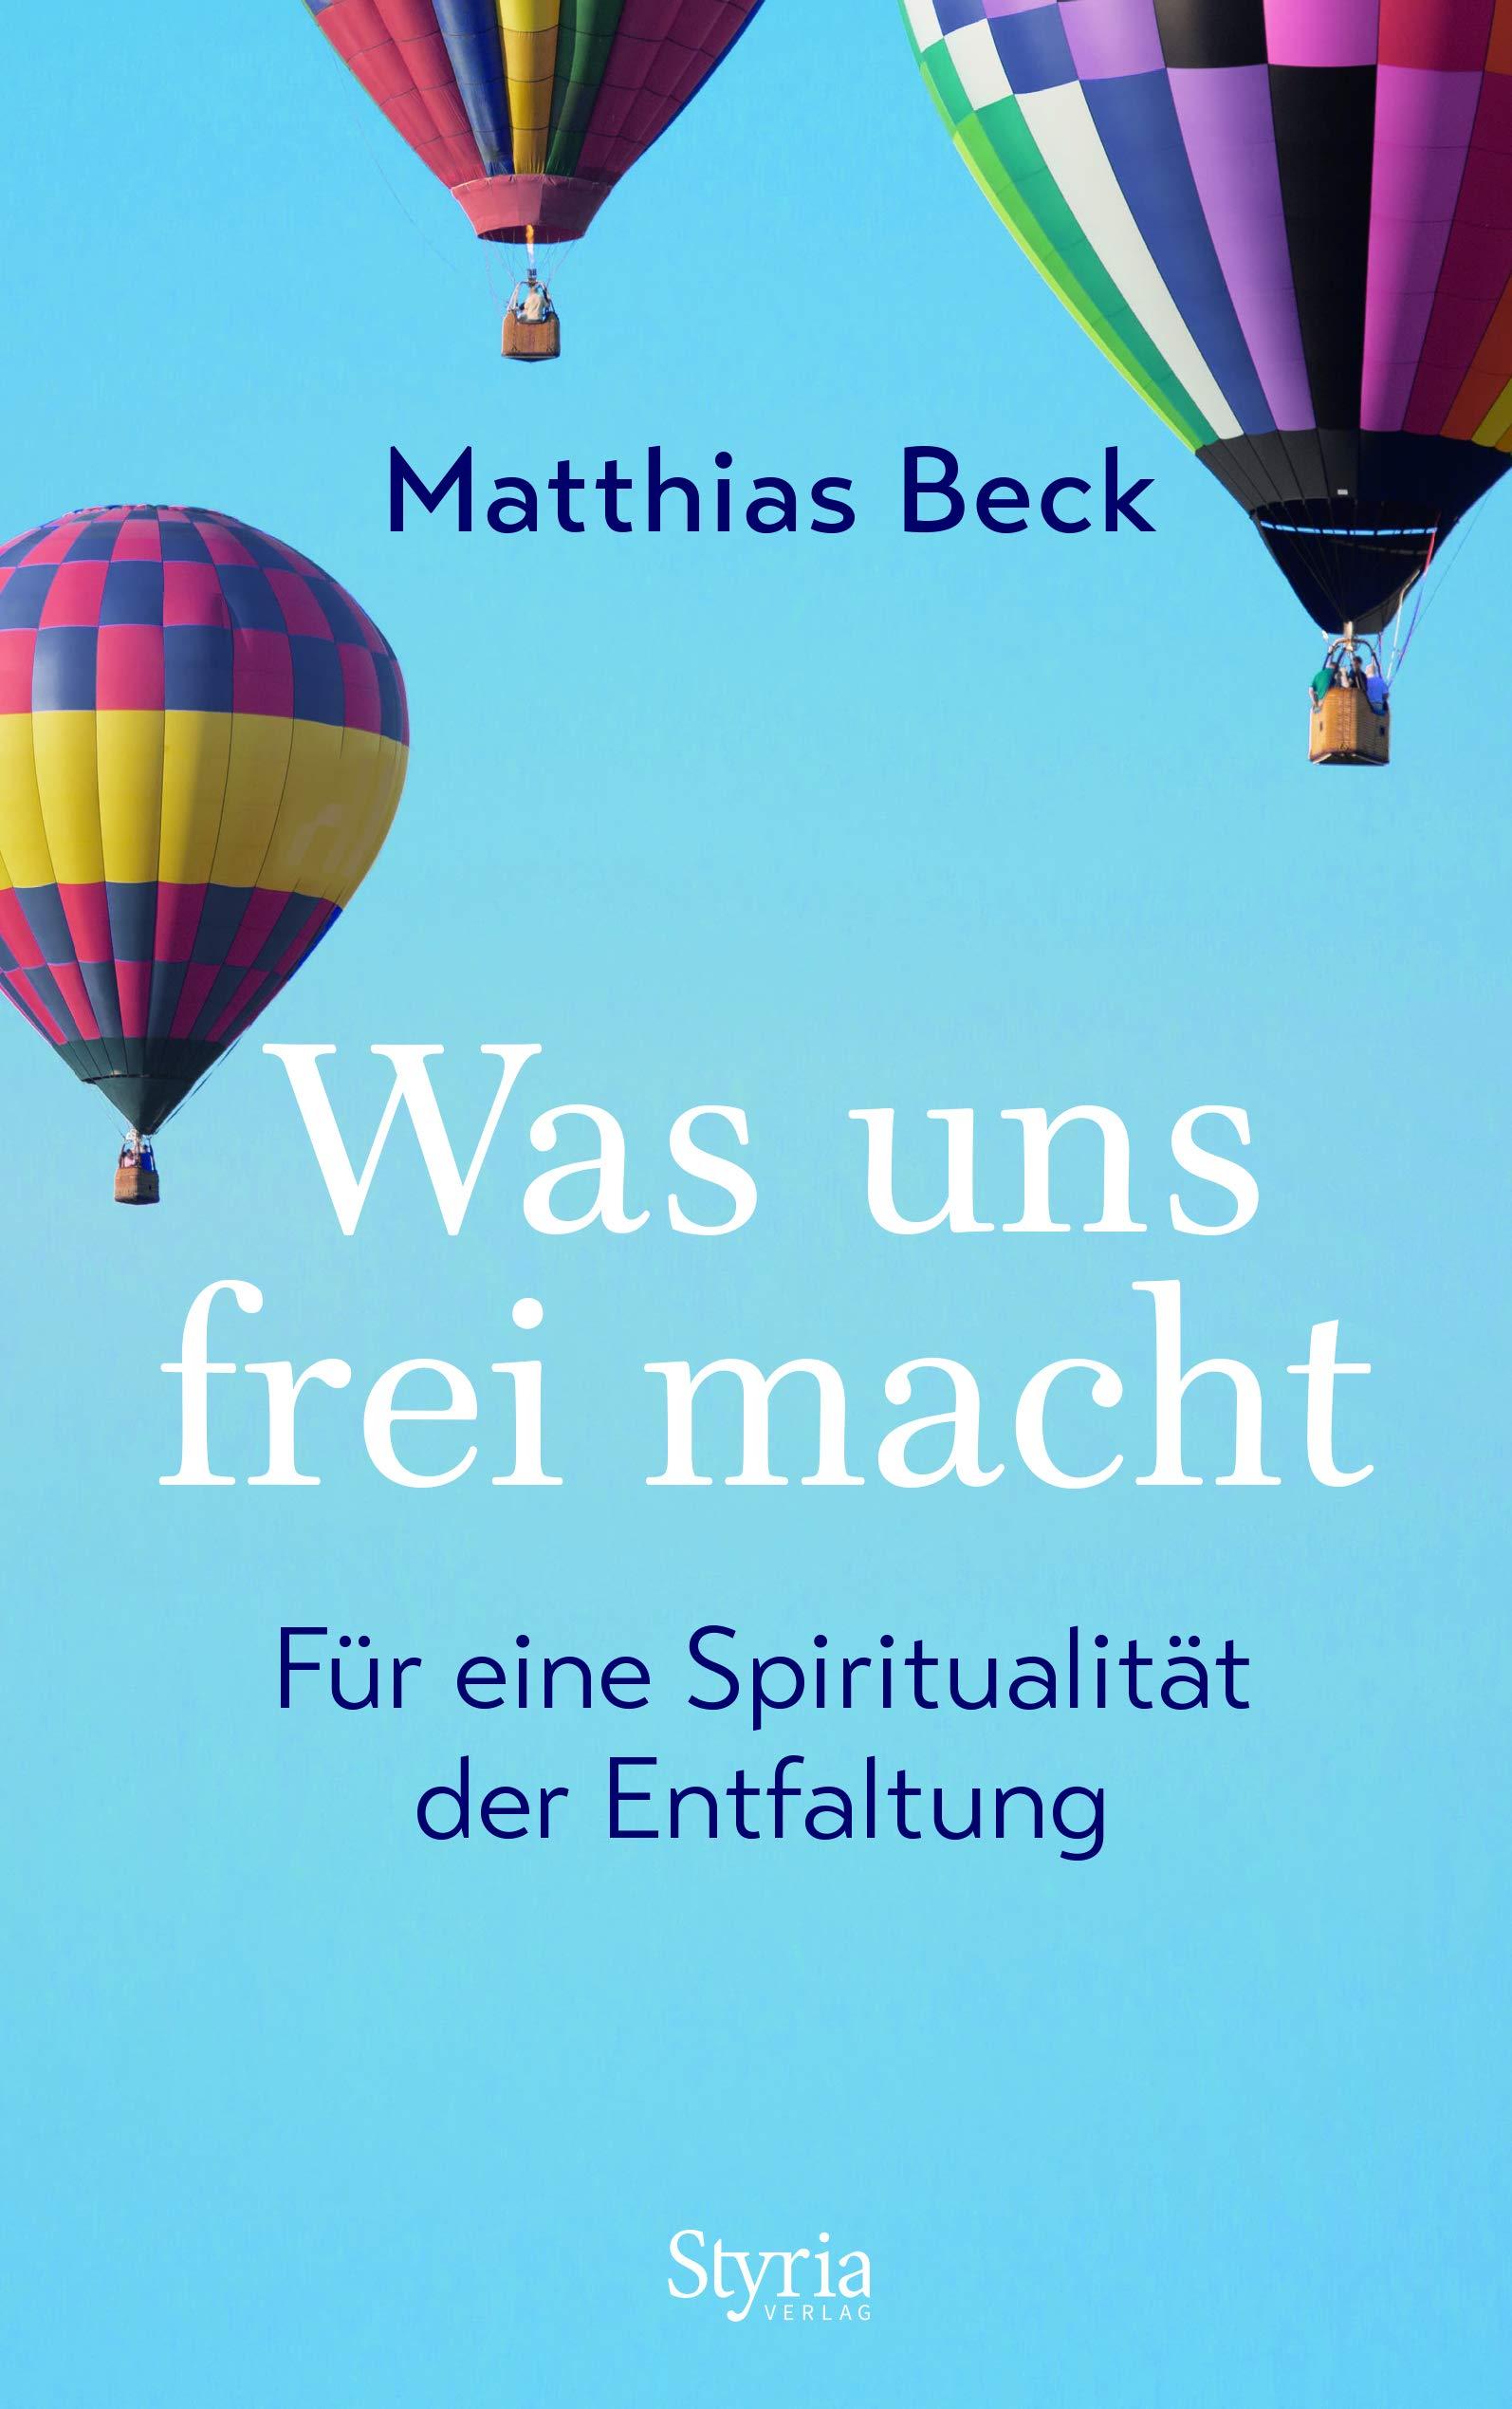 Was uns frei macht: Für eine Ethik der Entfaltung Gebundenes Buch – 1. Oktober 2018 Matthias Beck 322213605X Philosophie Christliche Lebensführung